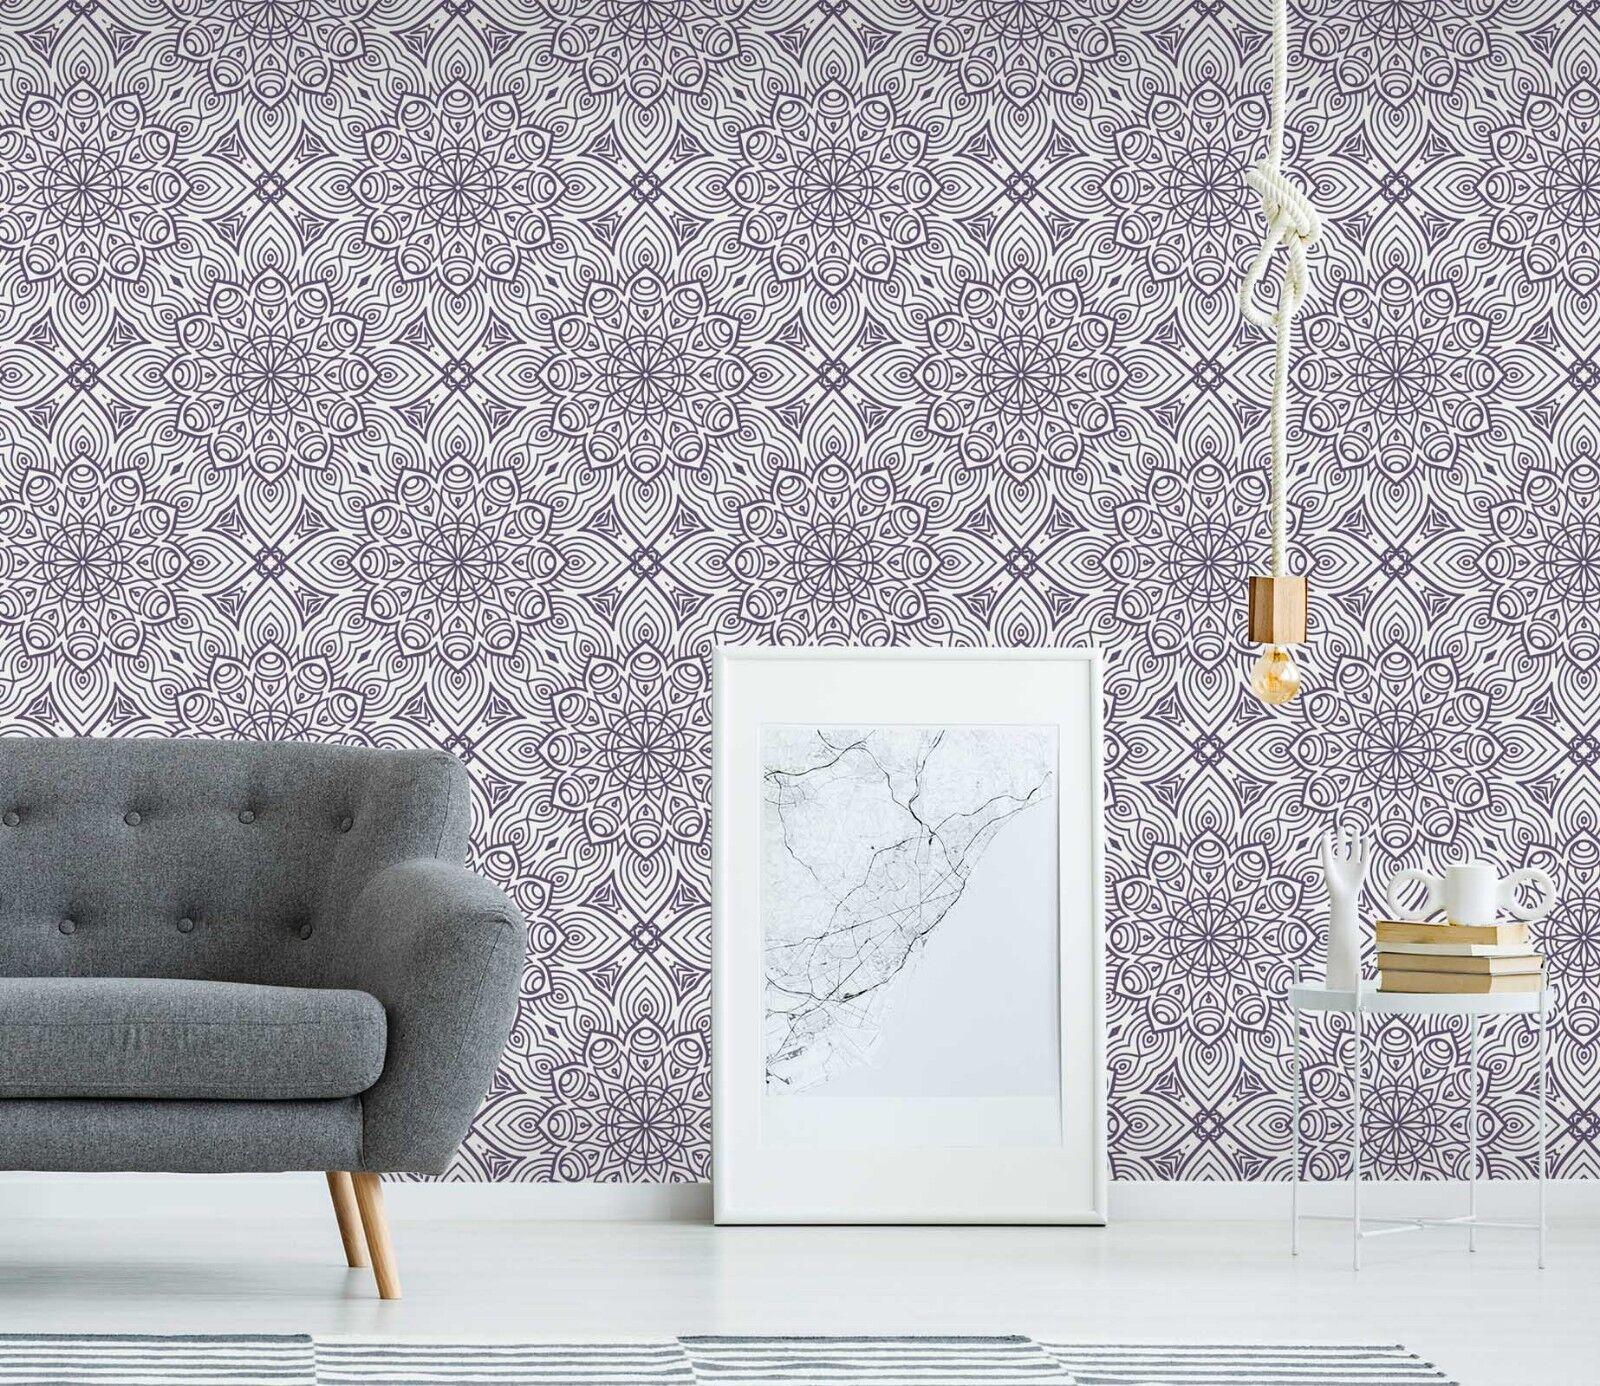 3D Lotus Floral Purple 1 Wallpaper Mural Wall Print Decal Indoor Murals AU Lemon